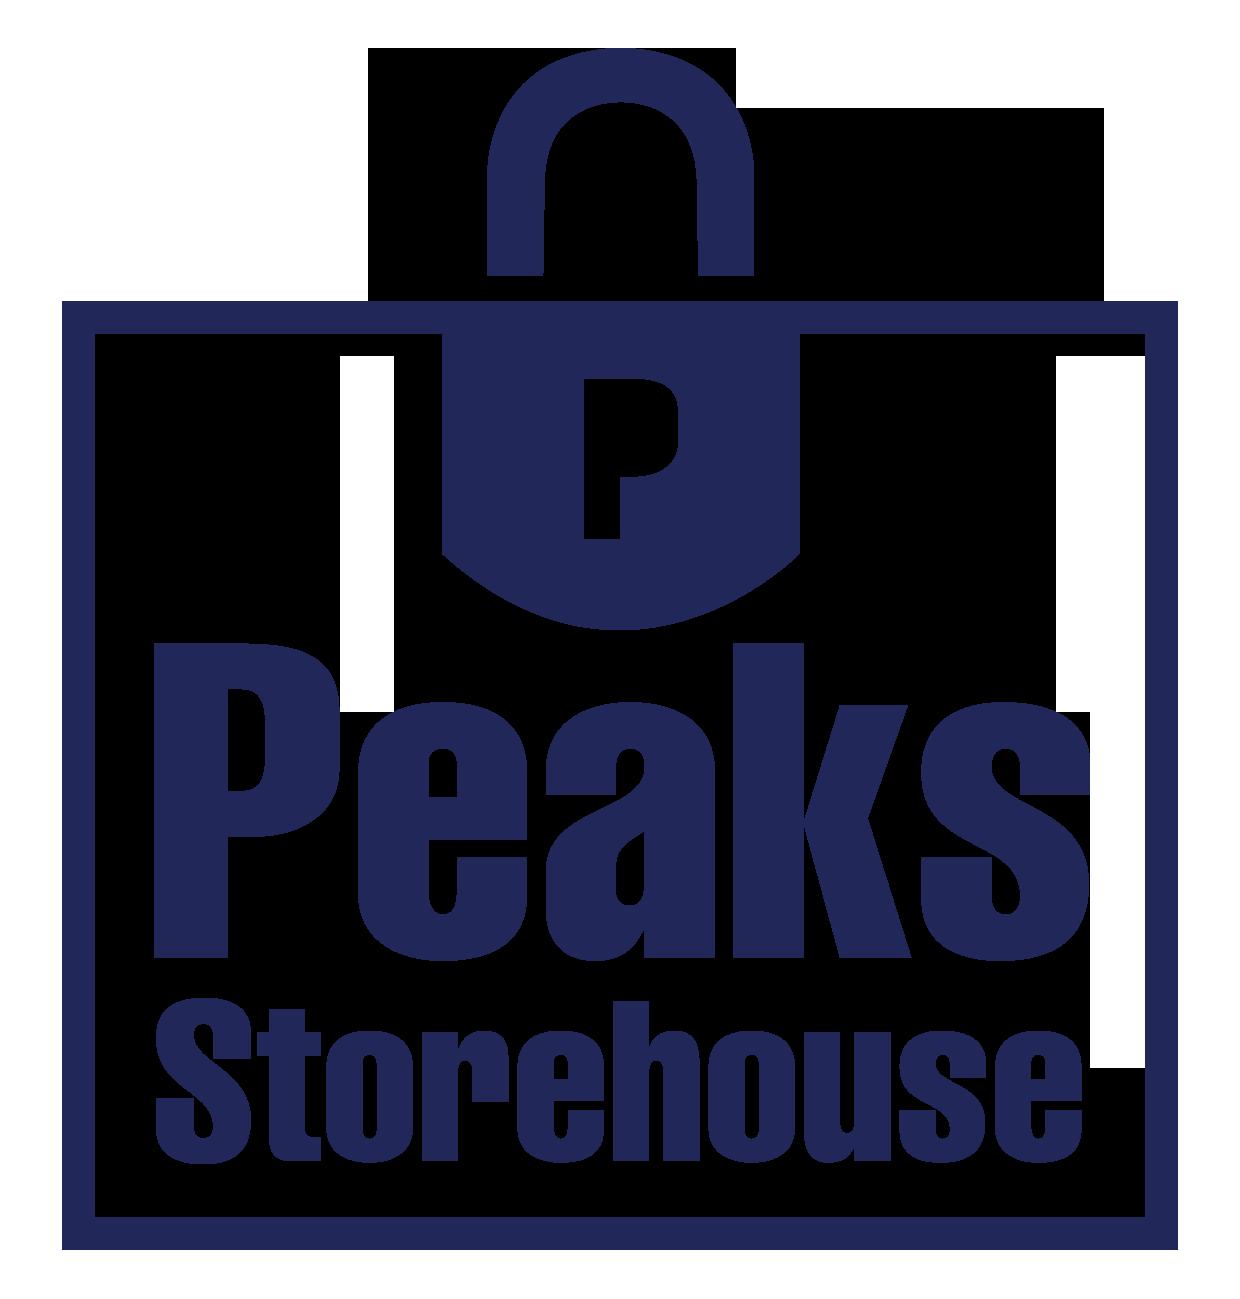 Peaks Storehouse Ltd